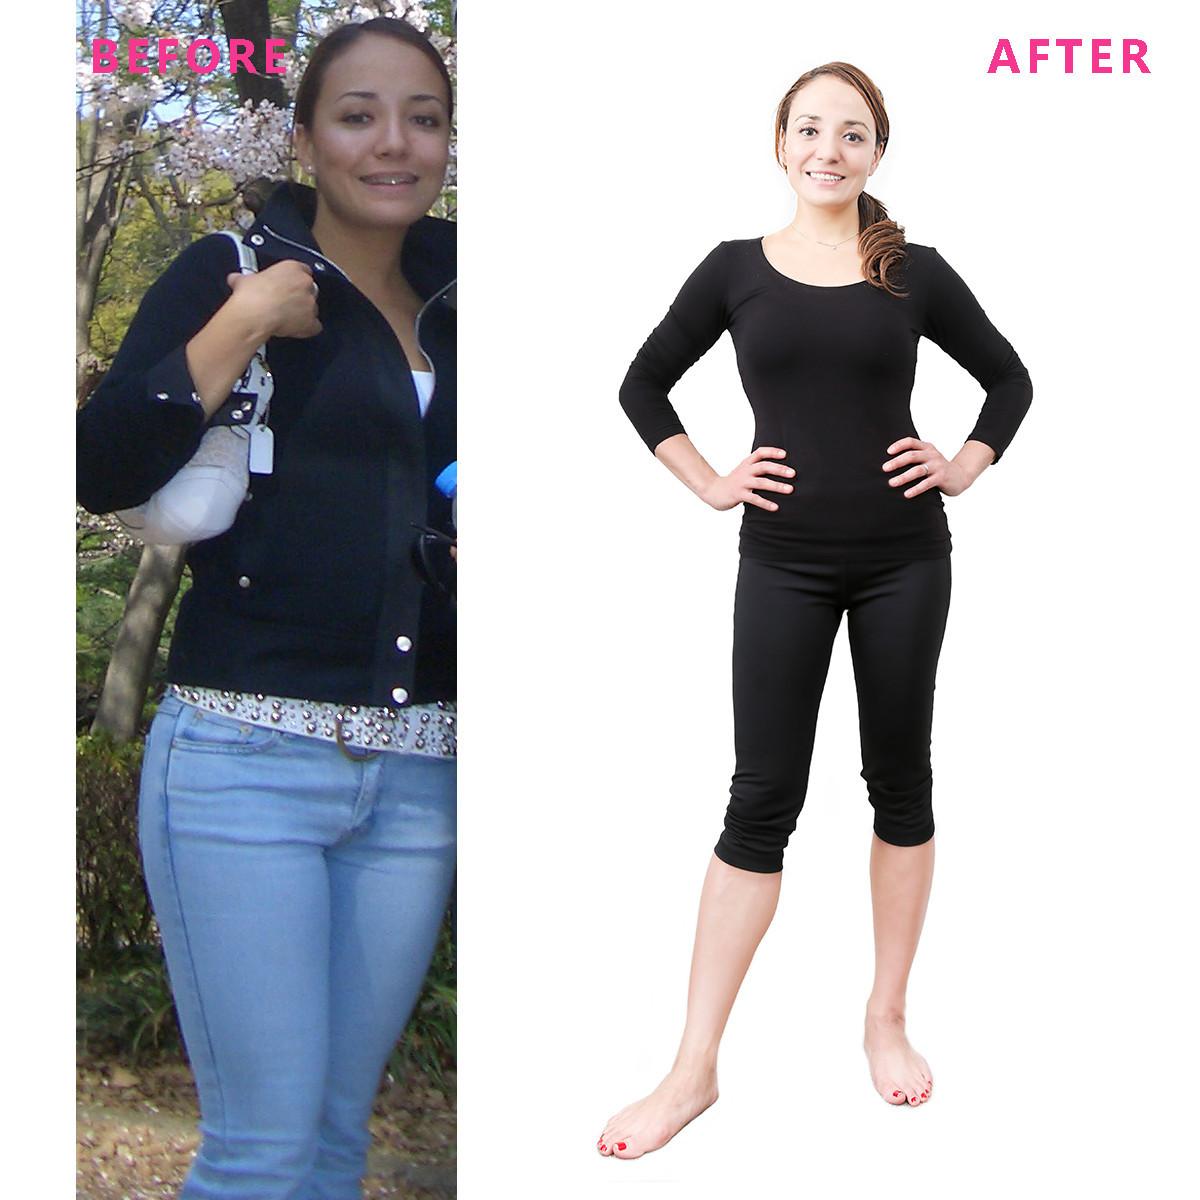 【本気で痩せたいあなたに】10kg痩せた女医・石原新菜先生のライフスタイル-2